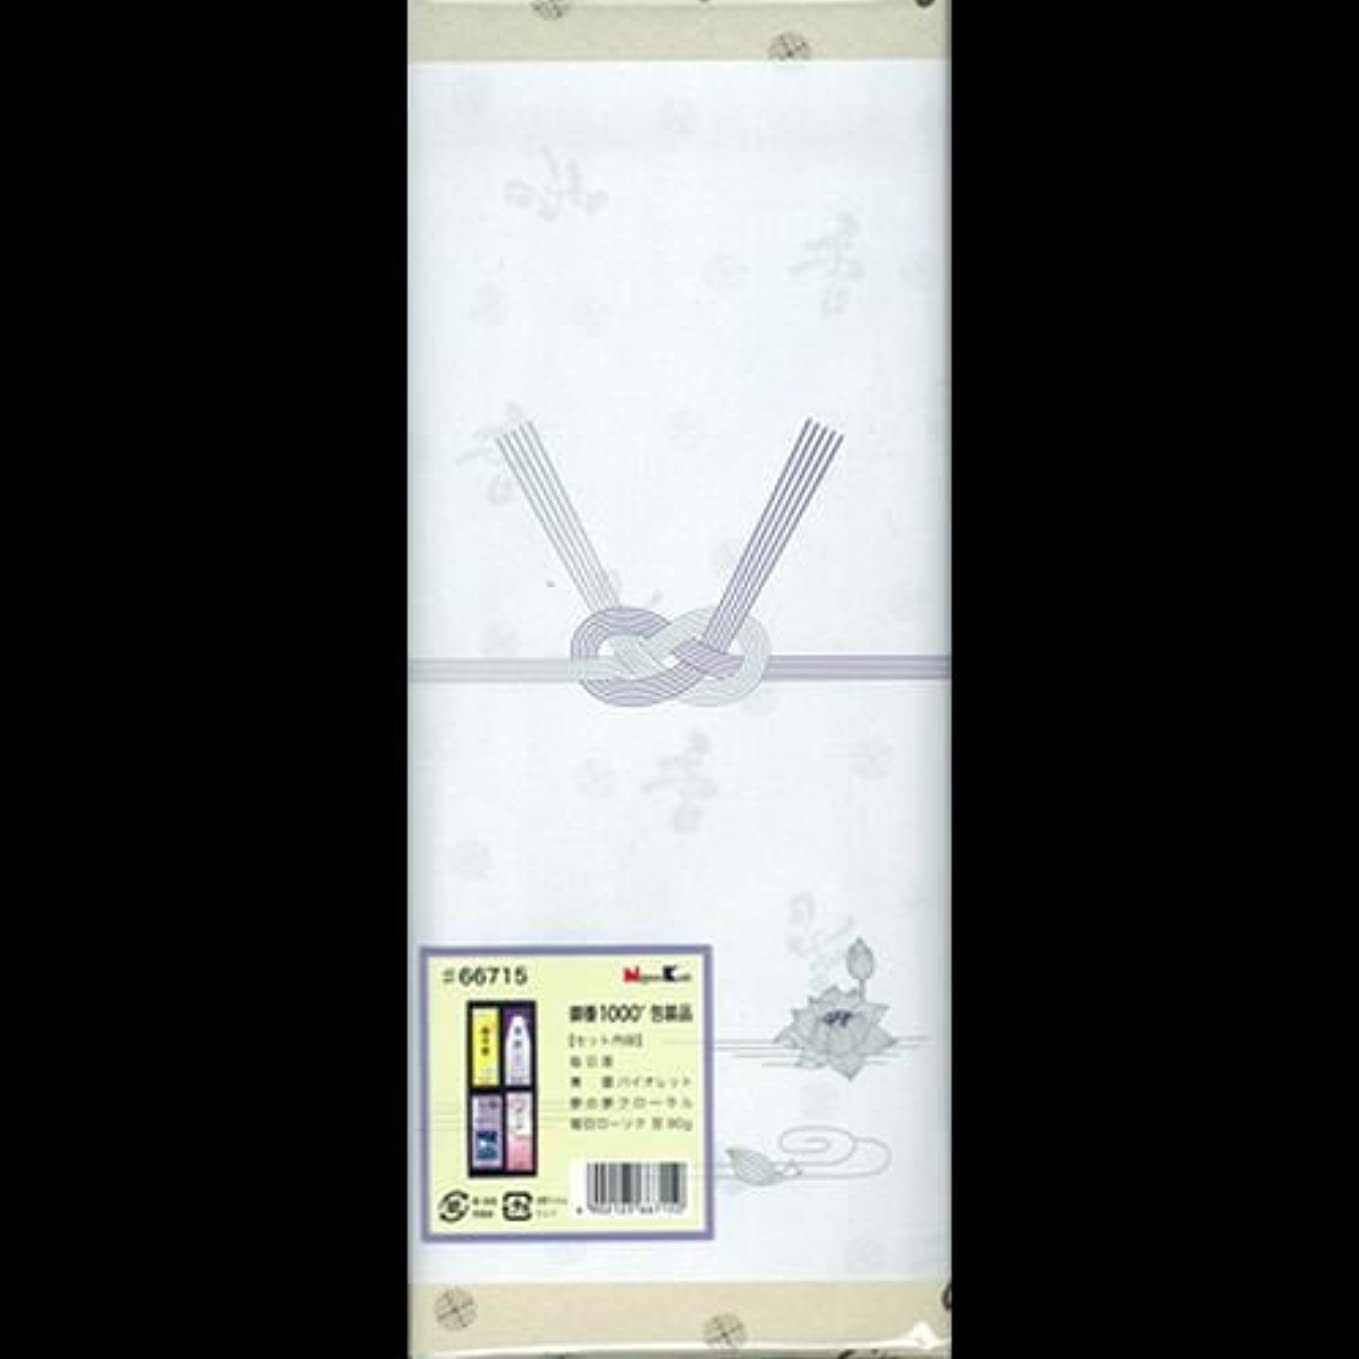 とても可決欲しいです【まとめ買い】御香セット1000 包装品 66715 ×2セット